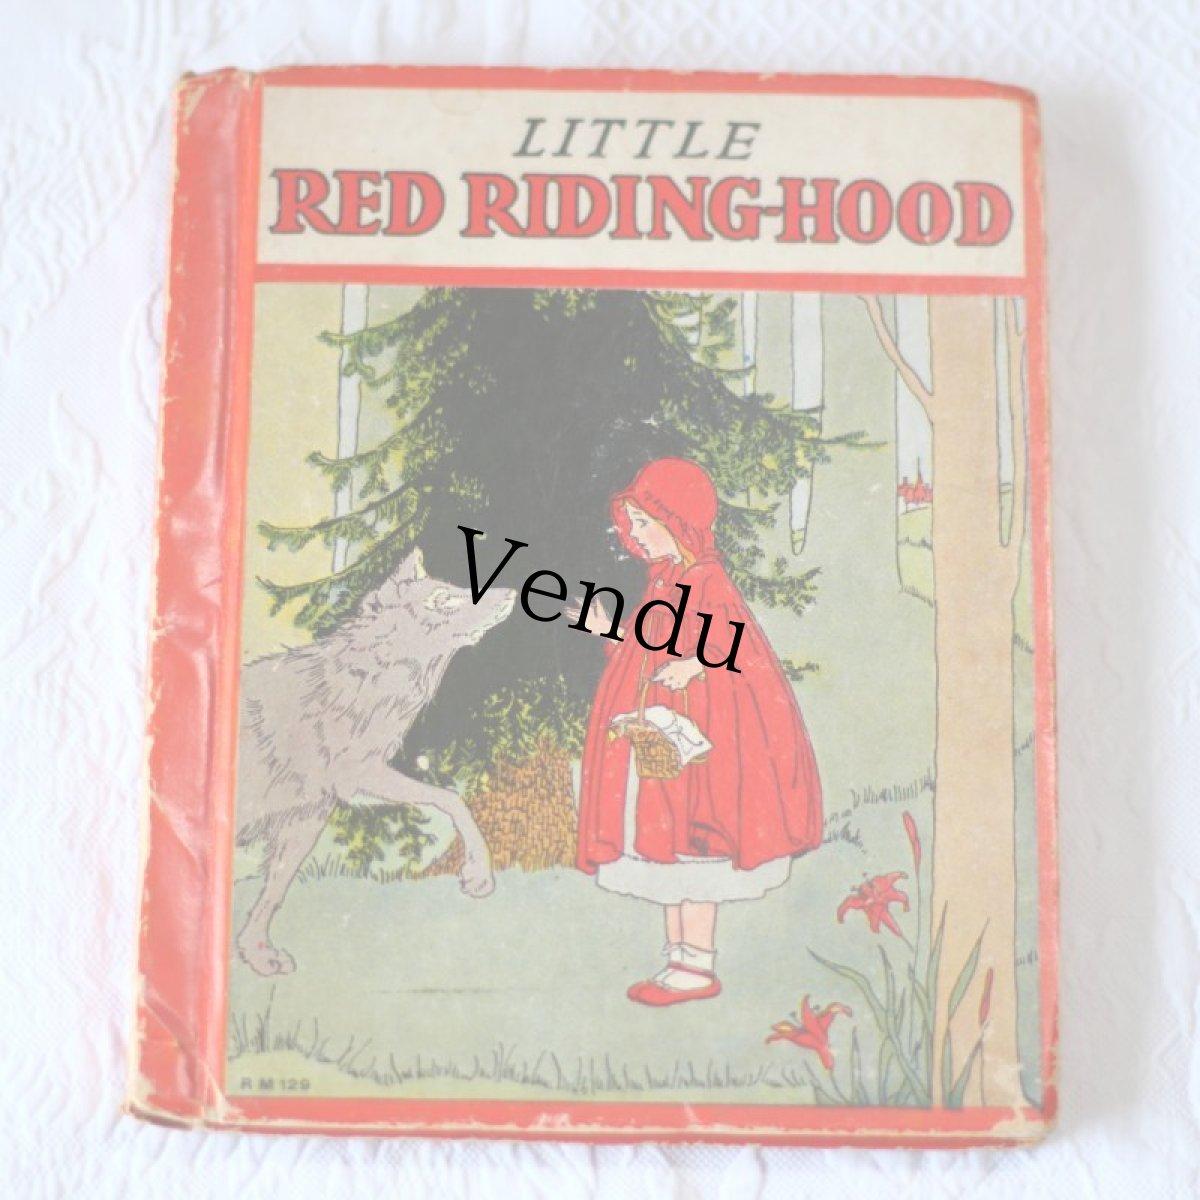 画像1: Little Red Riding-Hood 赤ずきんちゃんの絵本 (1)